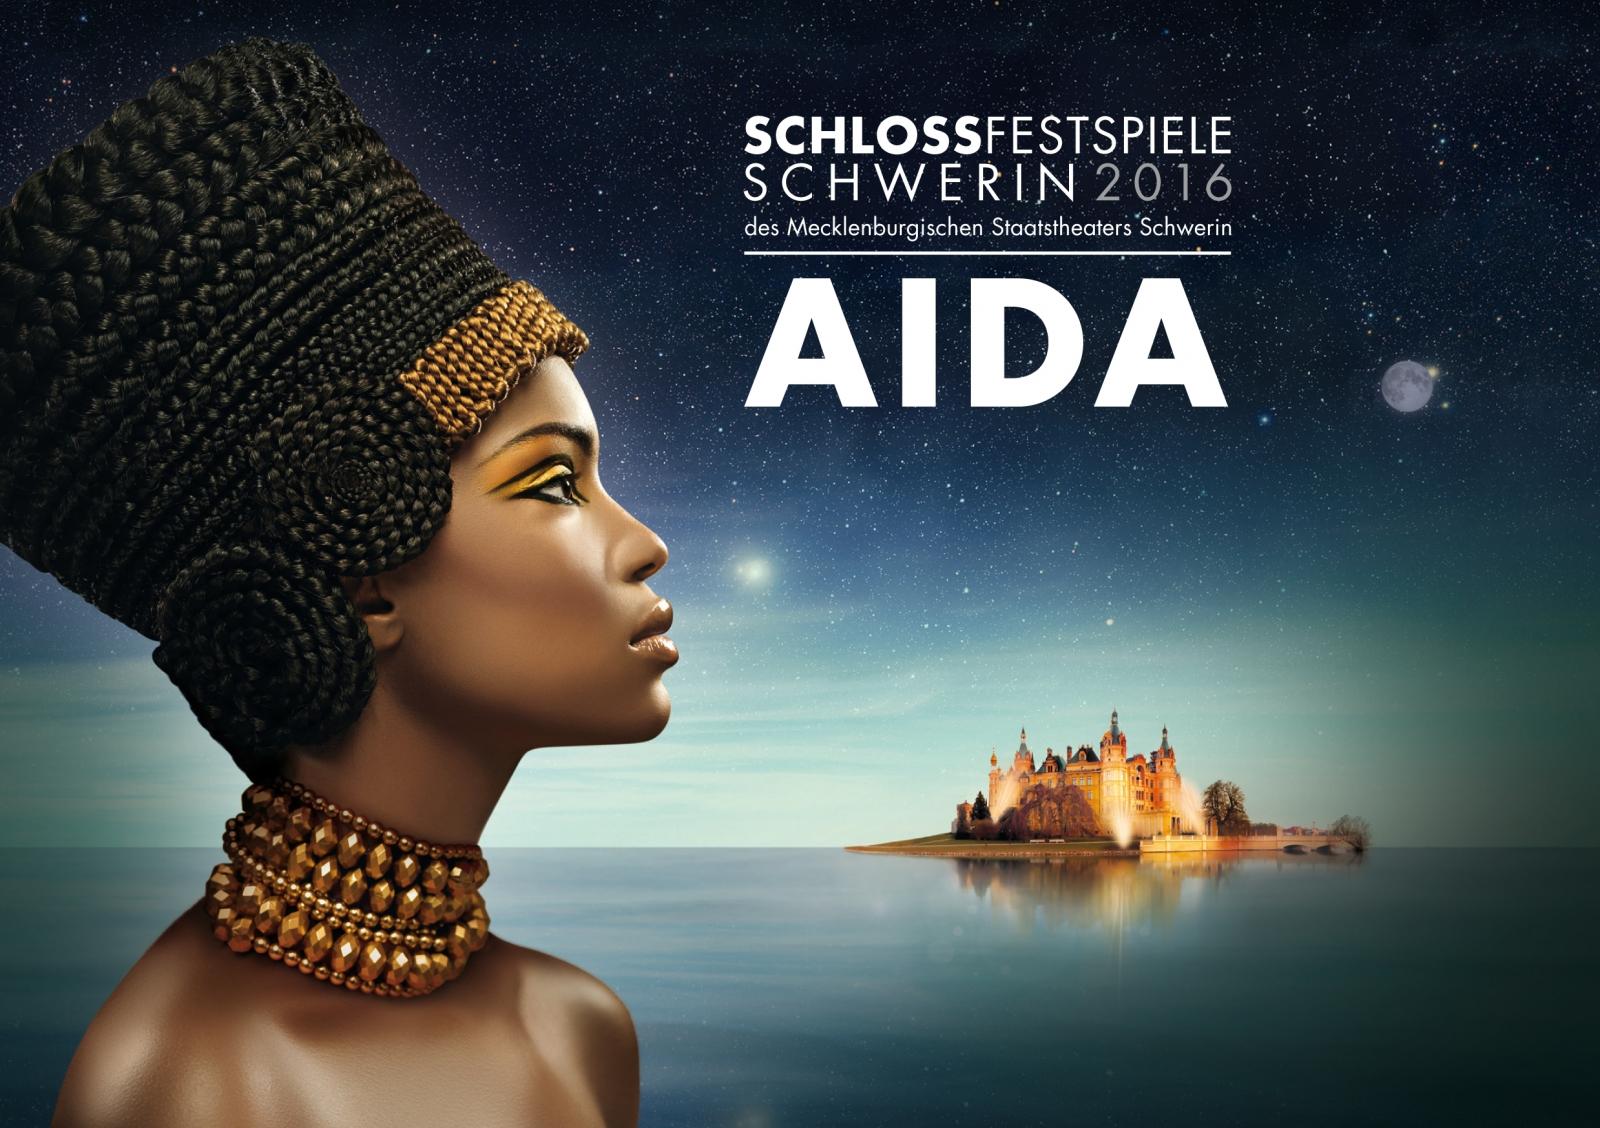 Schlossfestspiele Schwerin  2016: Aida